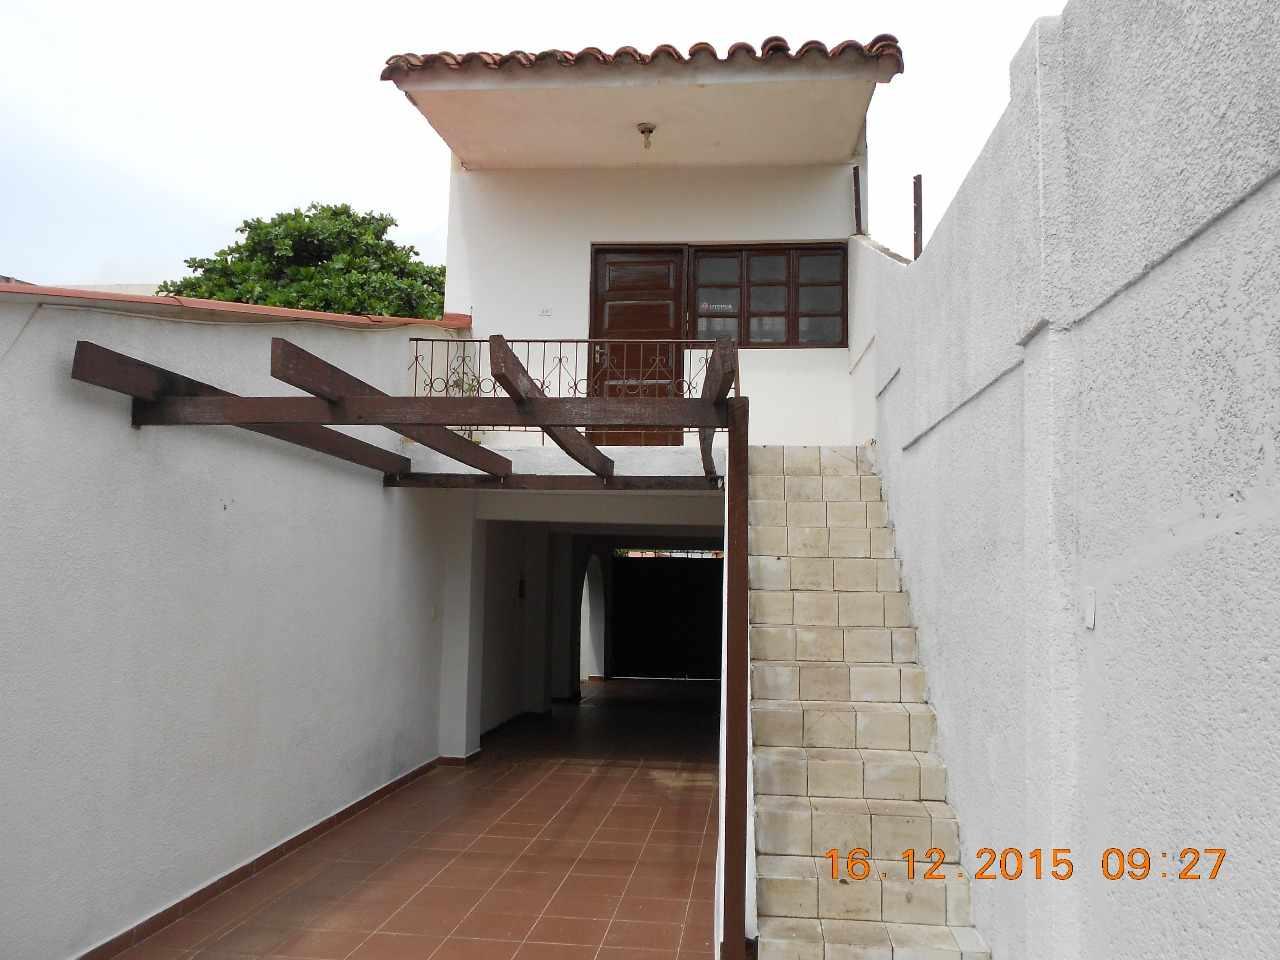 Casa en Venta Av.prefecto rivas # 411 Foto 4